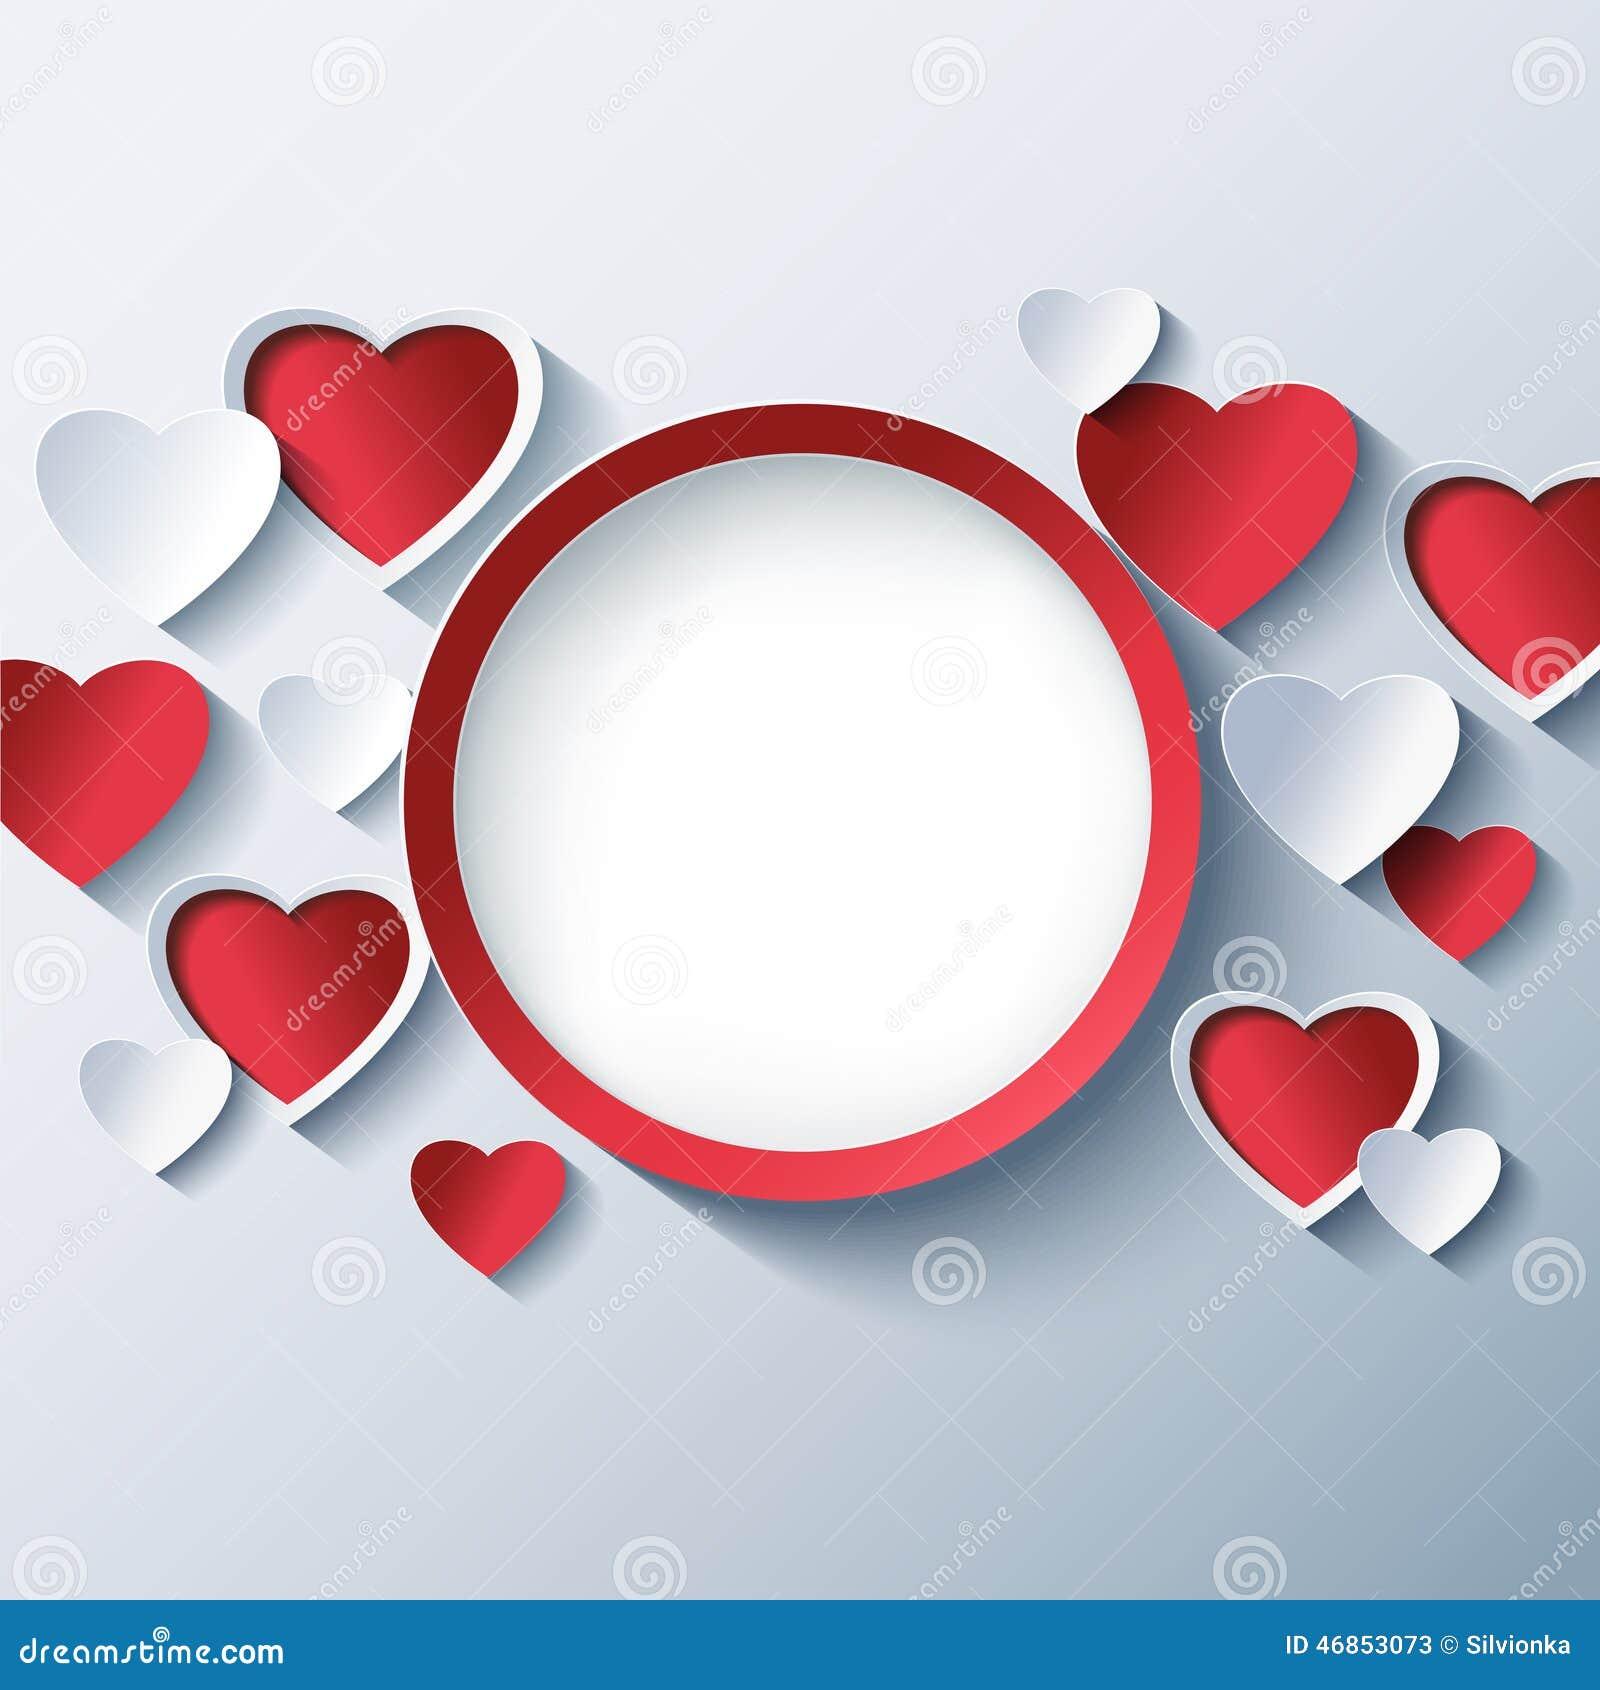 Creative Valentine Card Designs